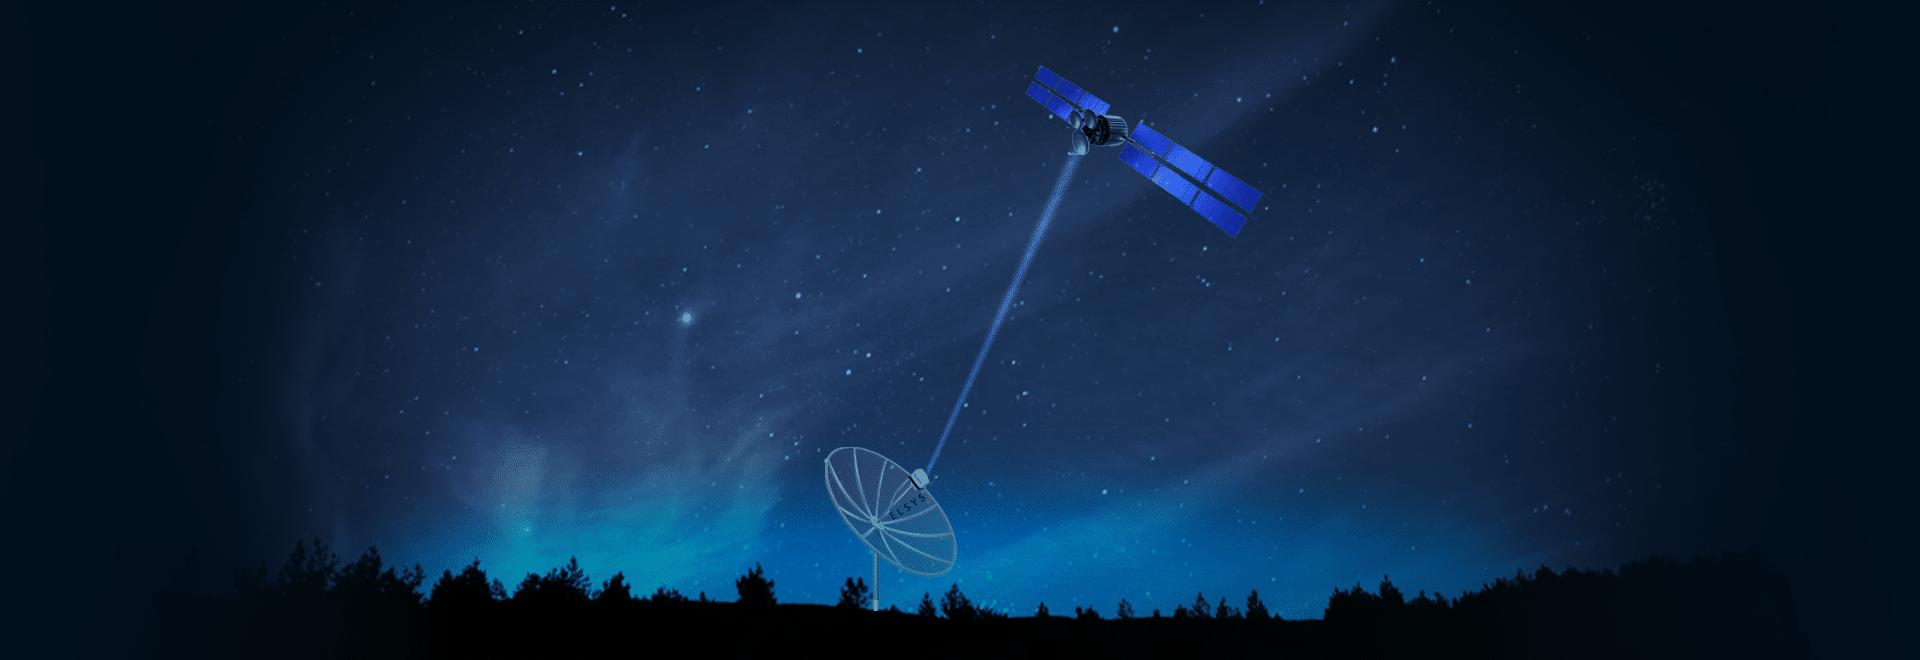 como-apontar-a-antena-parabolica-sem-saber-a-direcao-do-satelite